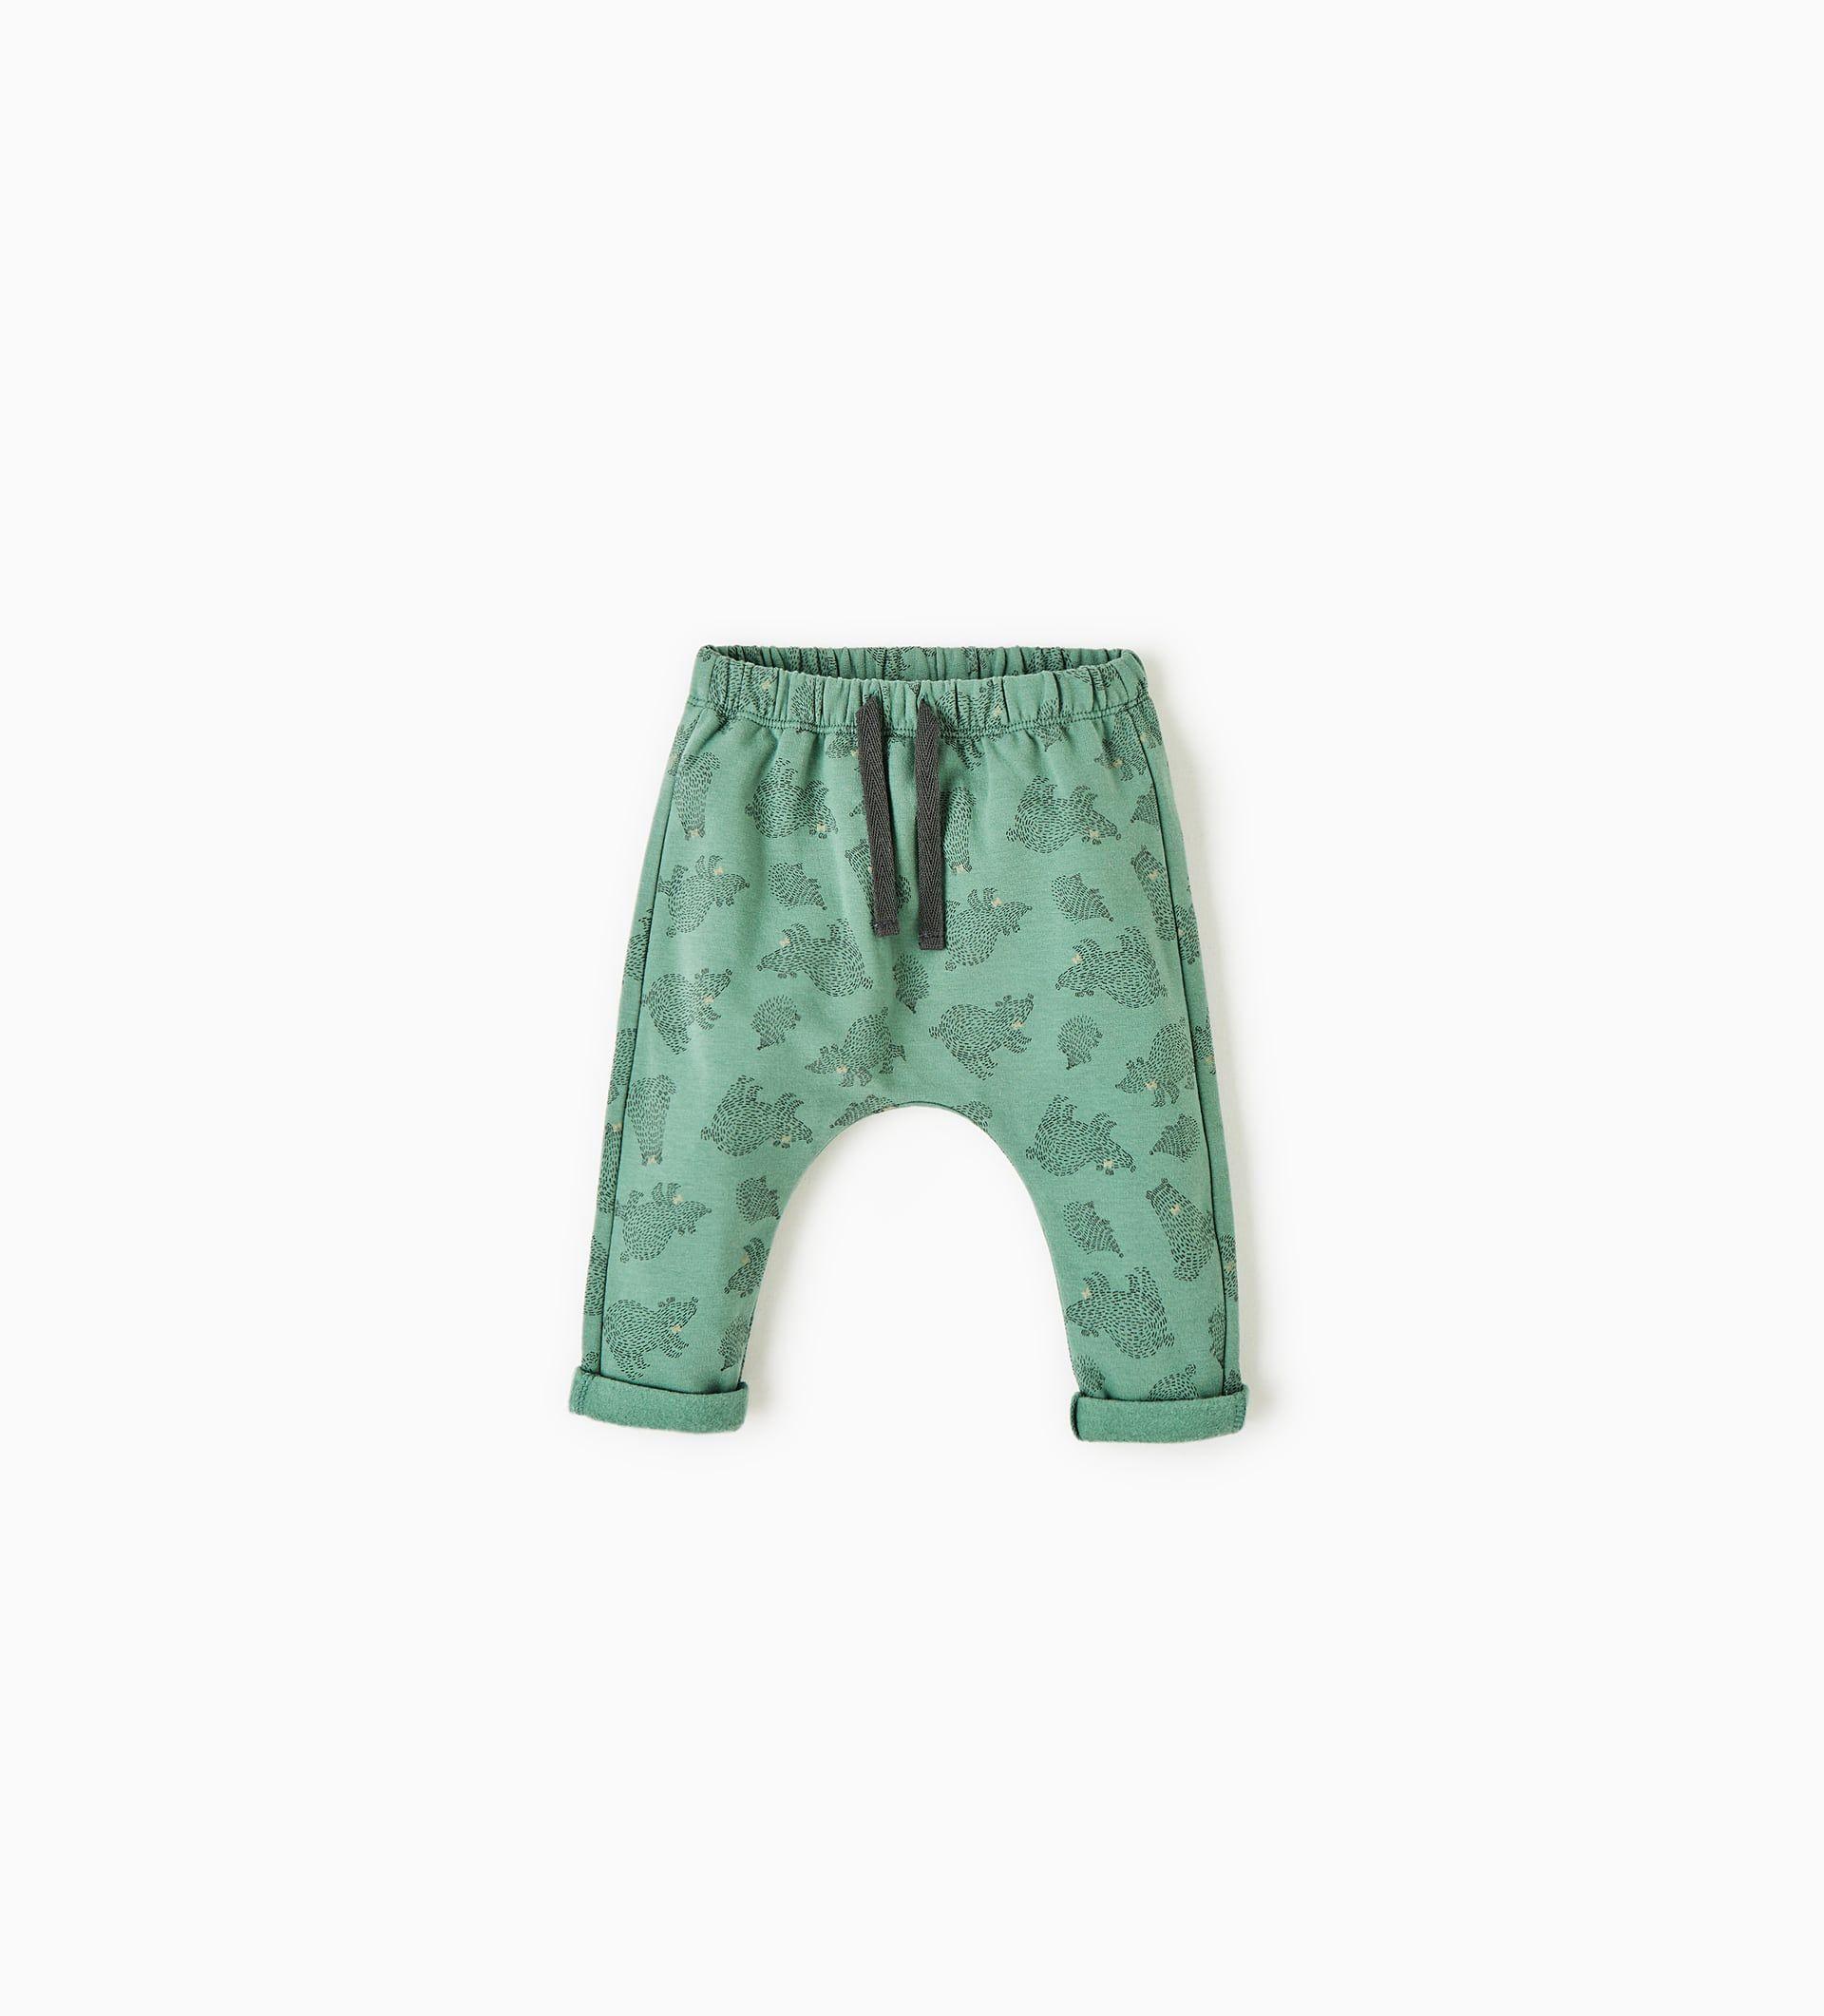 Spodnie Z Tkaniny Dresowej W Niedzwiadki Zara Kids Floral Leggings Boy Outfits